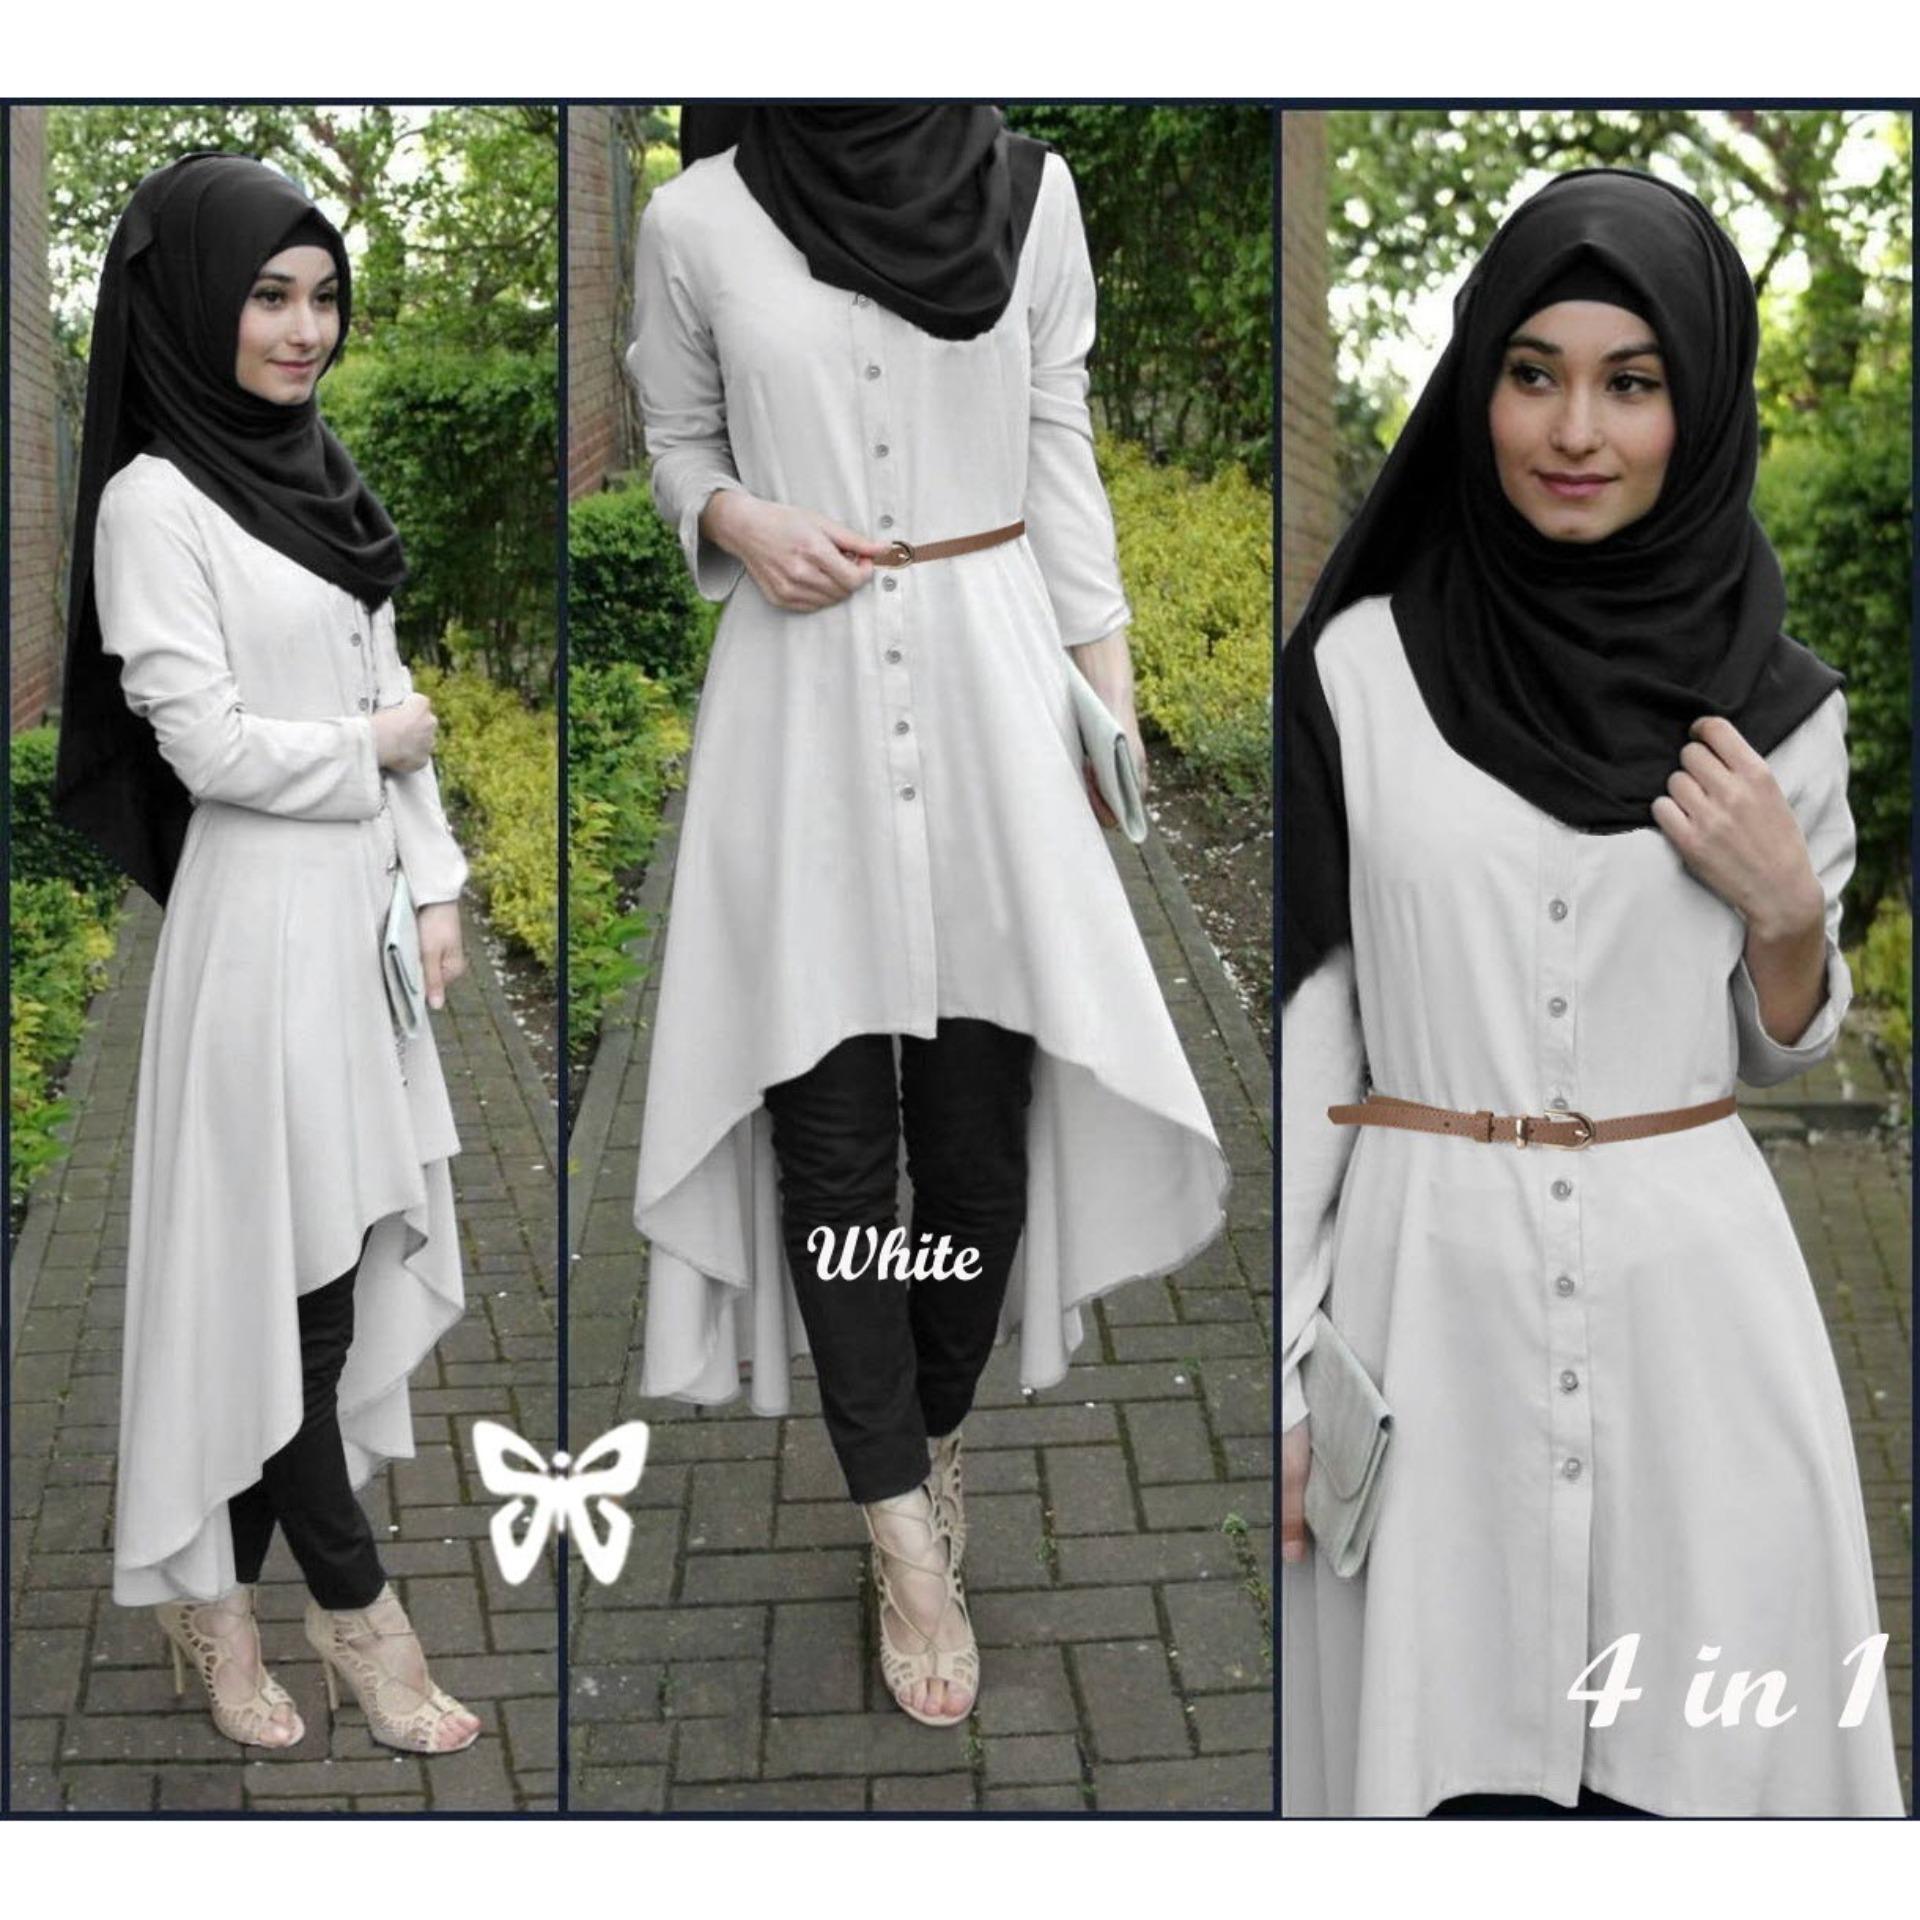 Flavia Store Baju Muslim Wanita Set 4 in 1 FS0689 - PUTIH / Setelan Muslimah / Stelan Gamis / Hijab / Atasan Blouse Terusan Kemeja Tunik Lengan Panjang Bawahan Celana / Srsafira